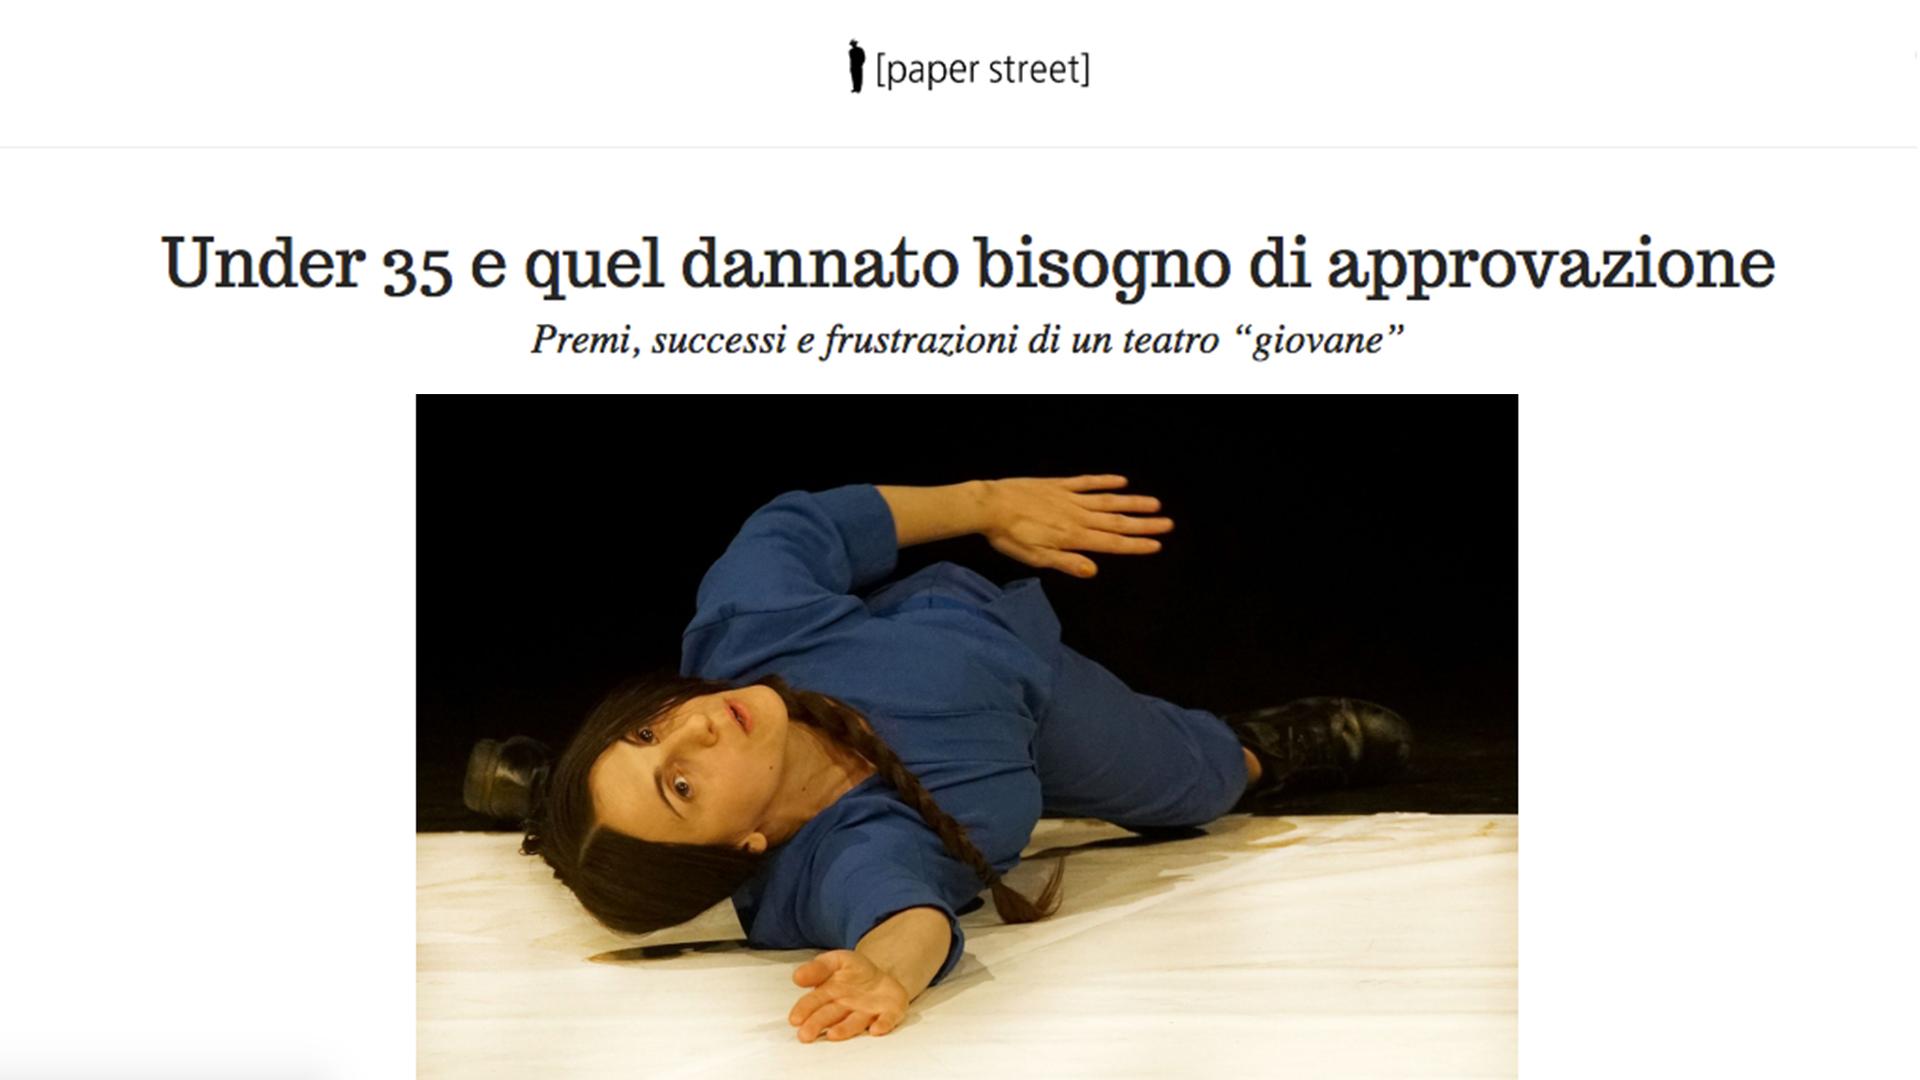 Bau#2 / Barbara Berti / Rassegna stampa - recensione / paper street